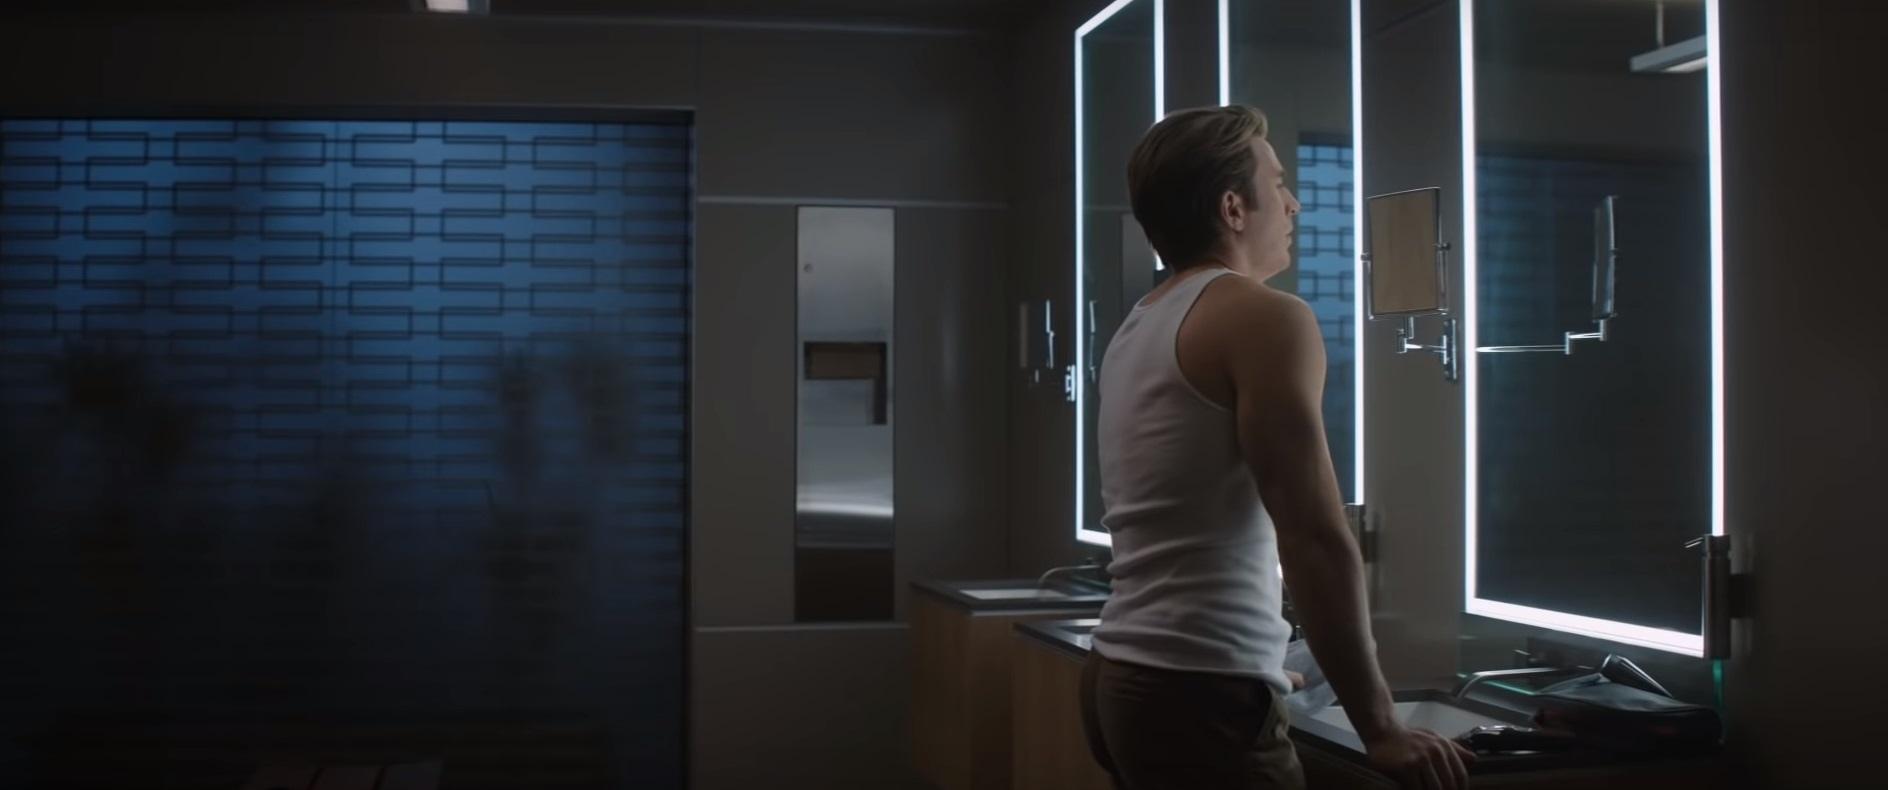 Avengers: Endgame Trailer Breakdown | Steve Rogers